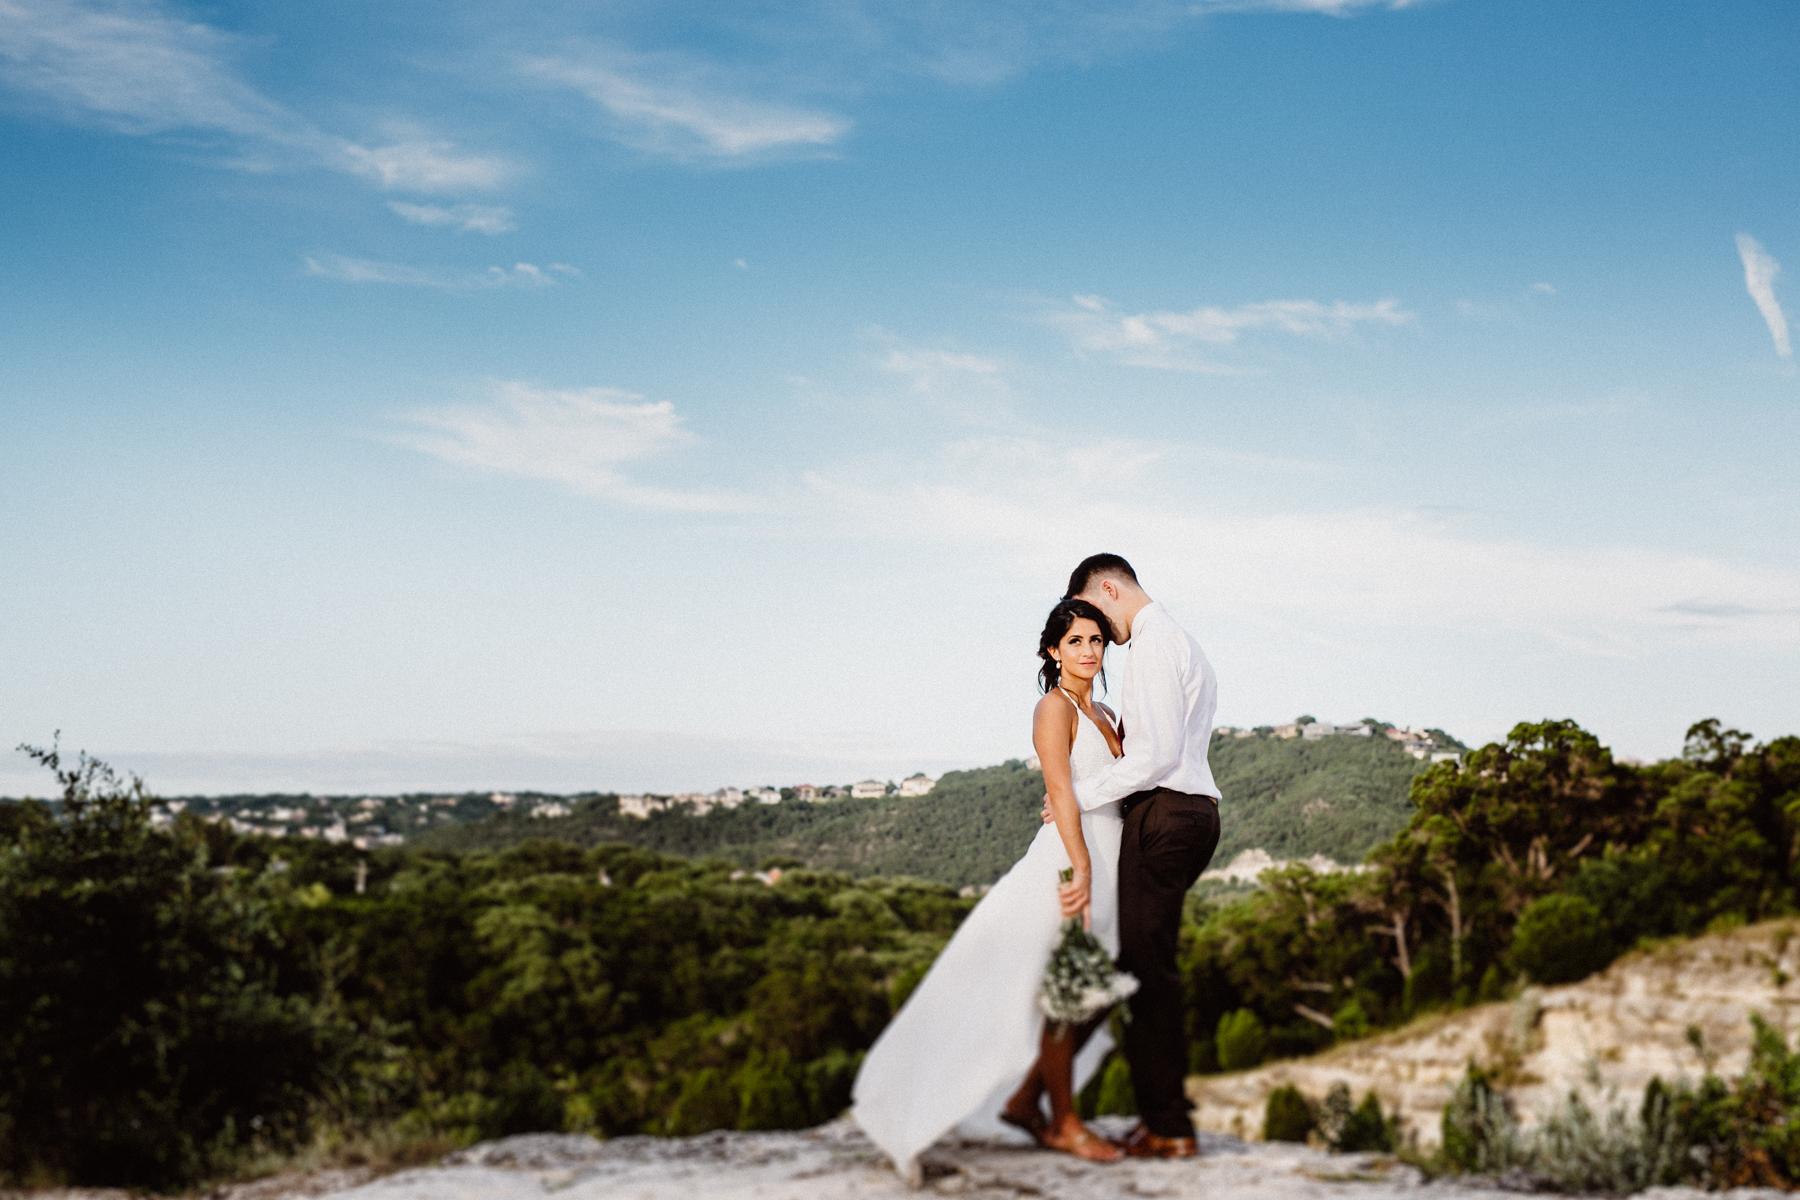 austin skyline wedding vows